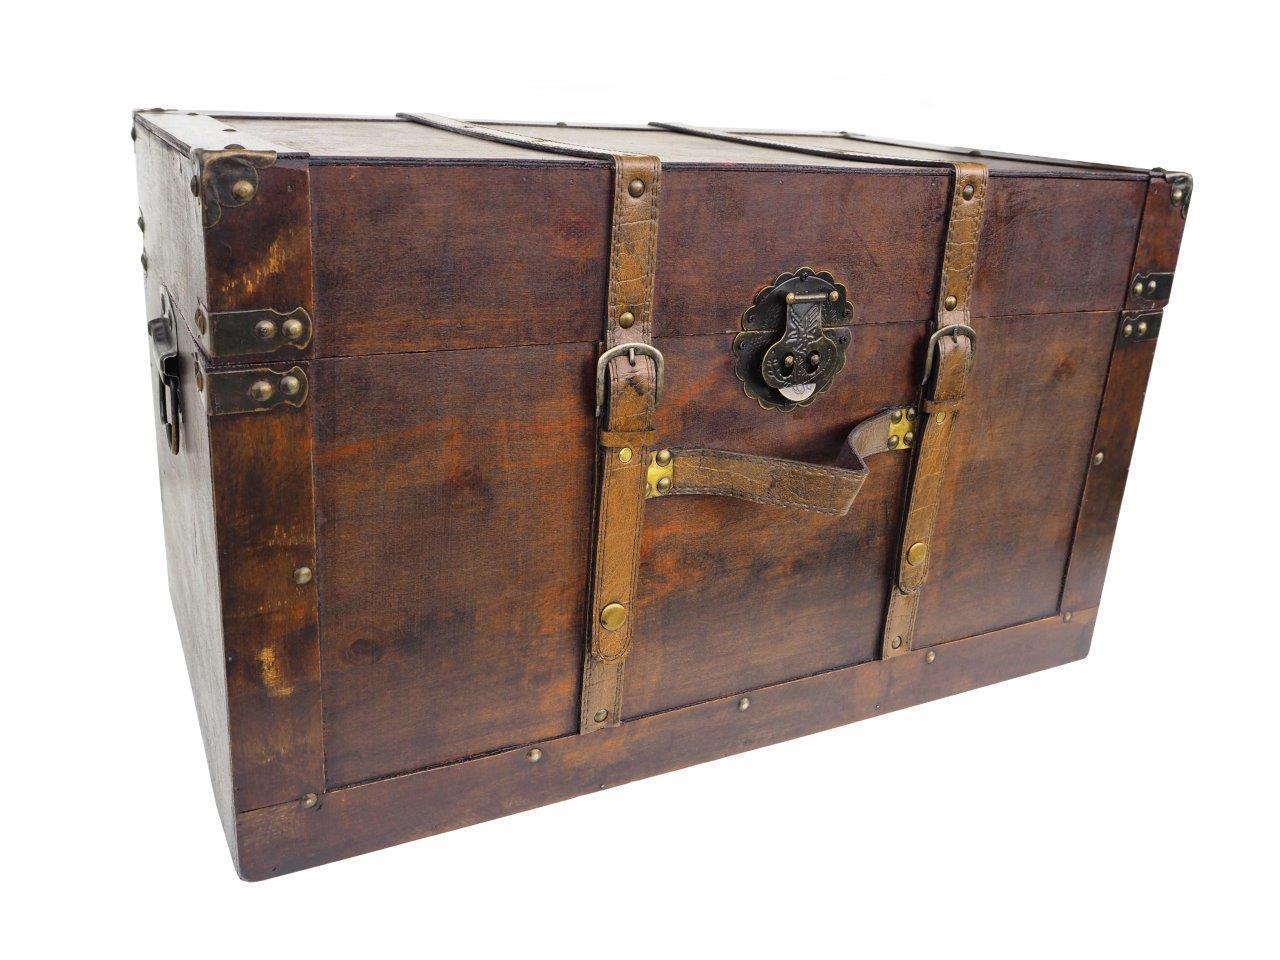 SCHATZKISTE SCHATZTRUHE KISTE TRUHE HOLZ KASTEN BOX       NEU     60 x 35 x 35cm 033b22